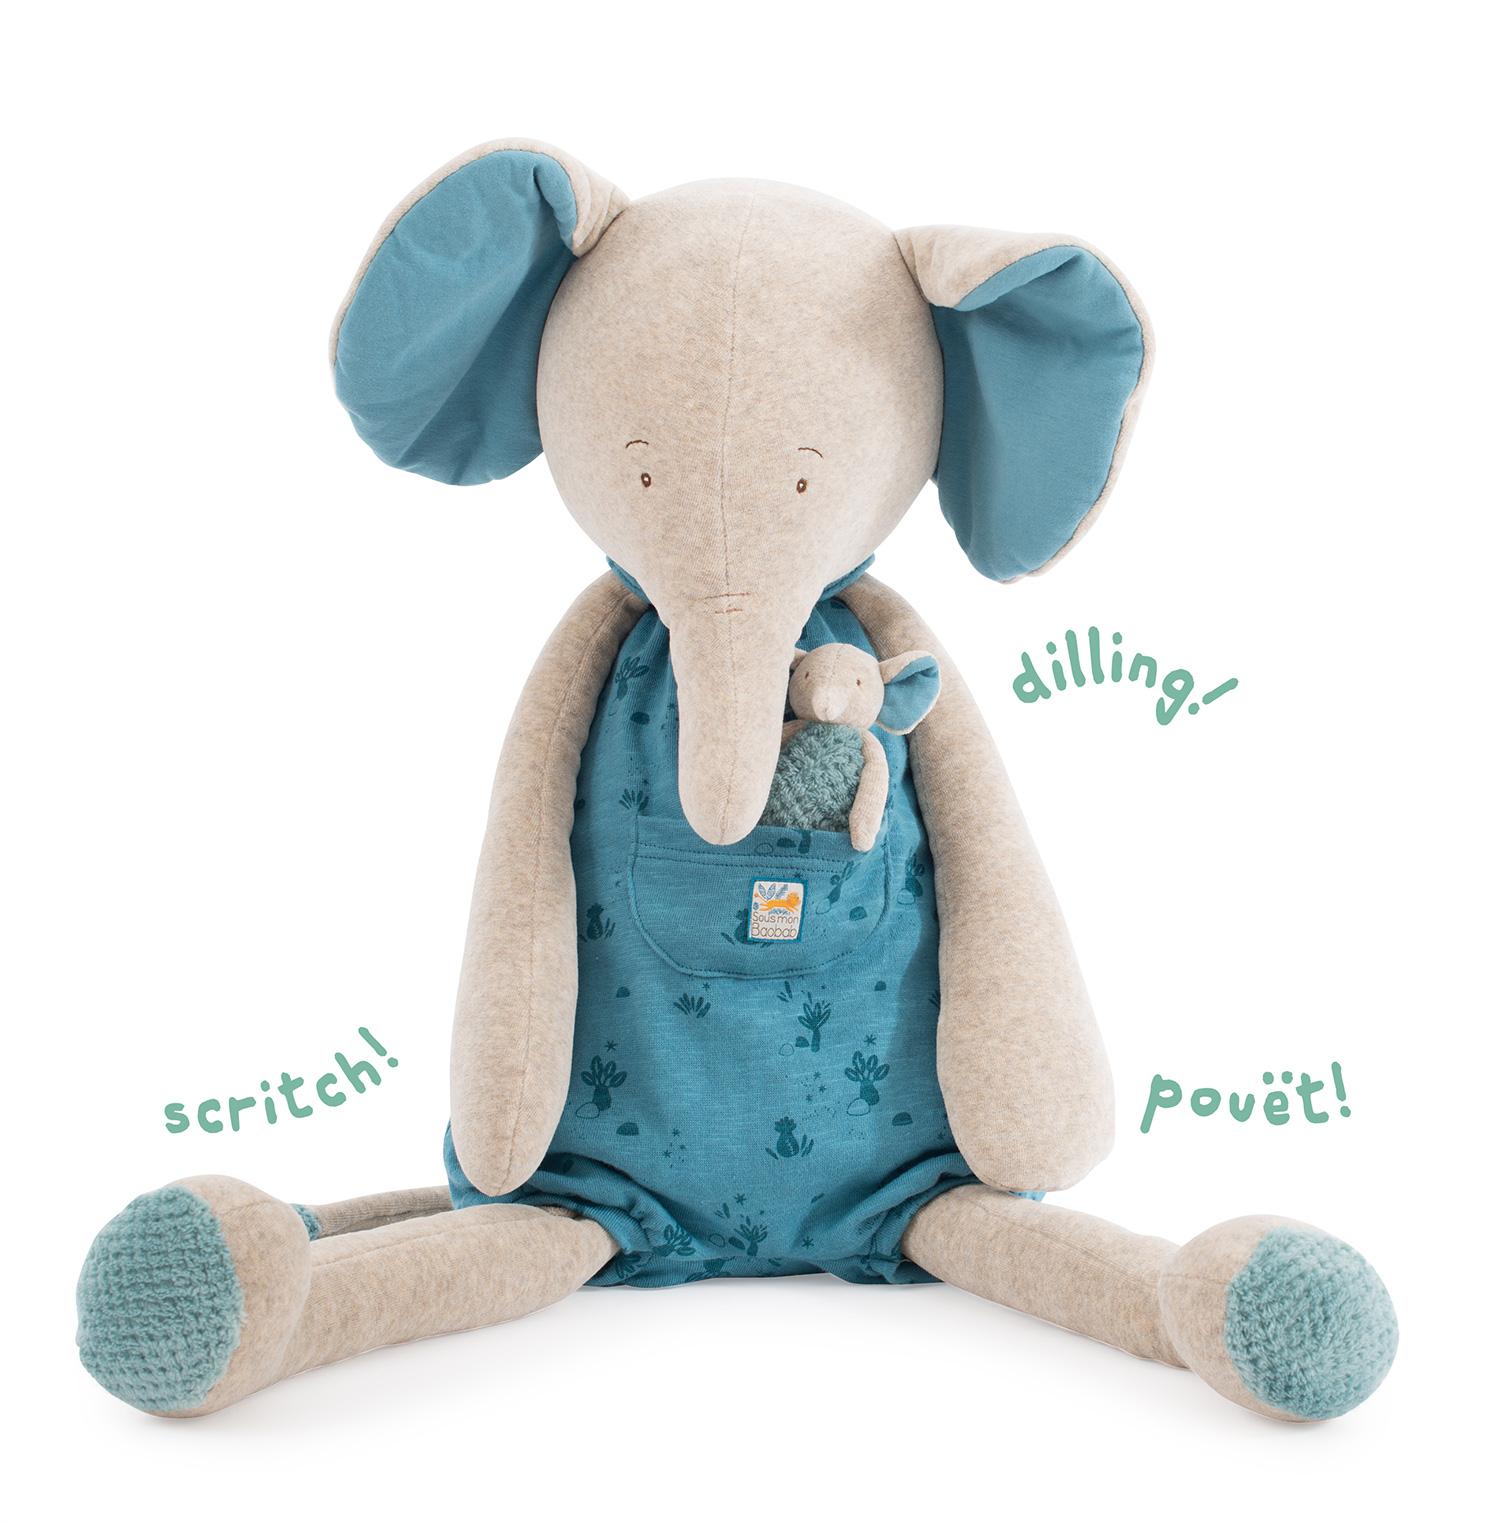 Elefante pelouche 80cm di Moulin Roty